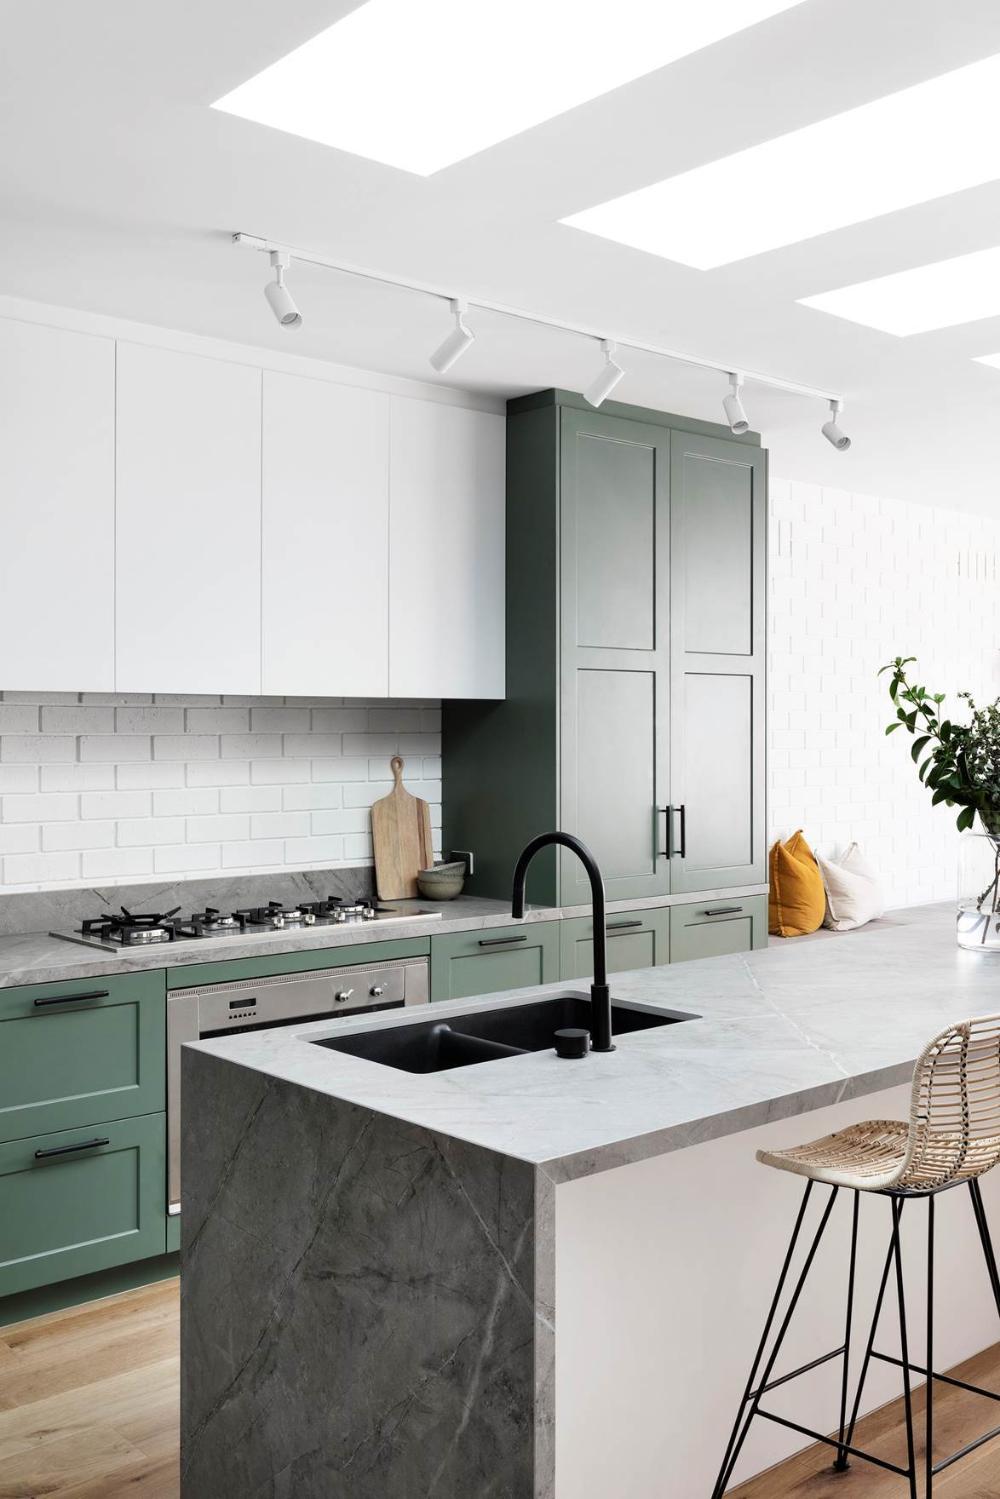 9 green kitchen design ideas   Green kitchen designs, Kitchen ...